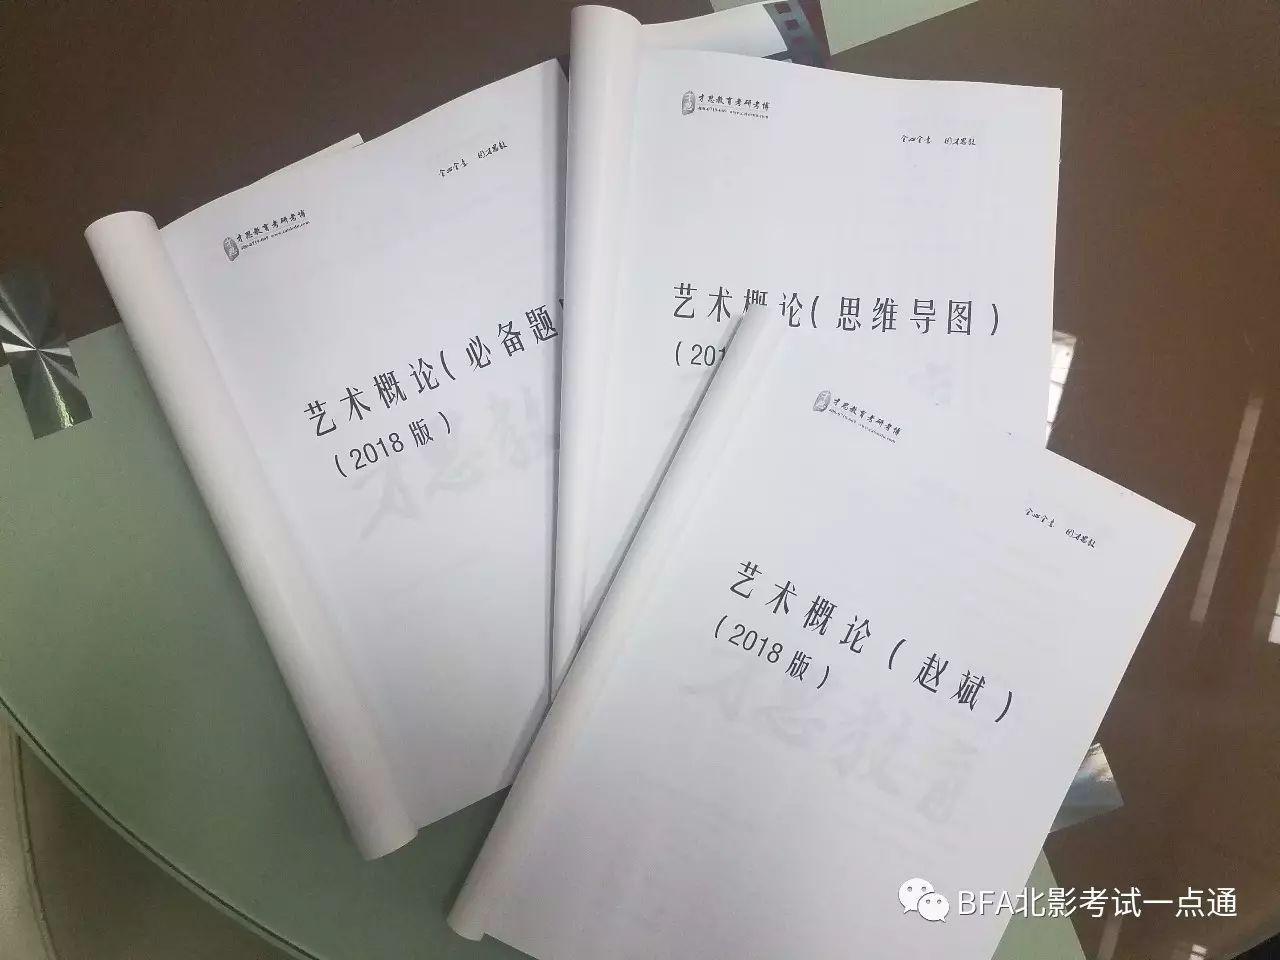 2018年北京电影学院赵斌版《艺术概论》三驾马车系列图片